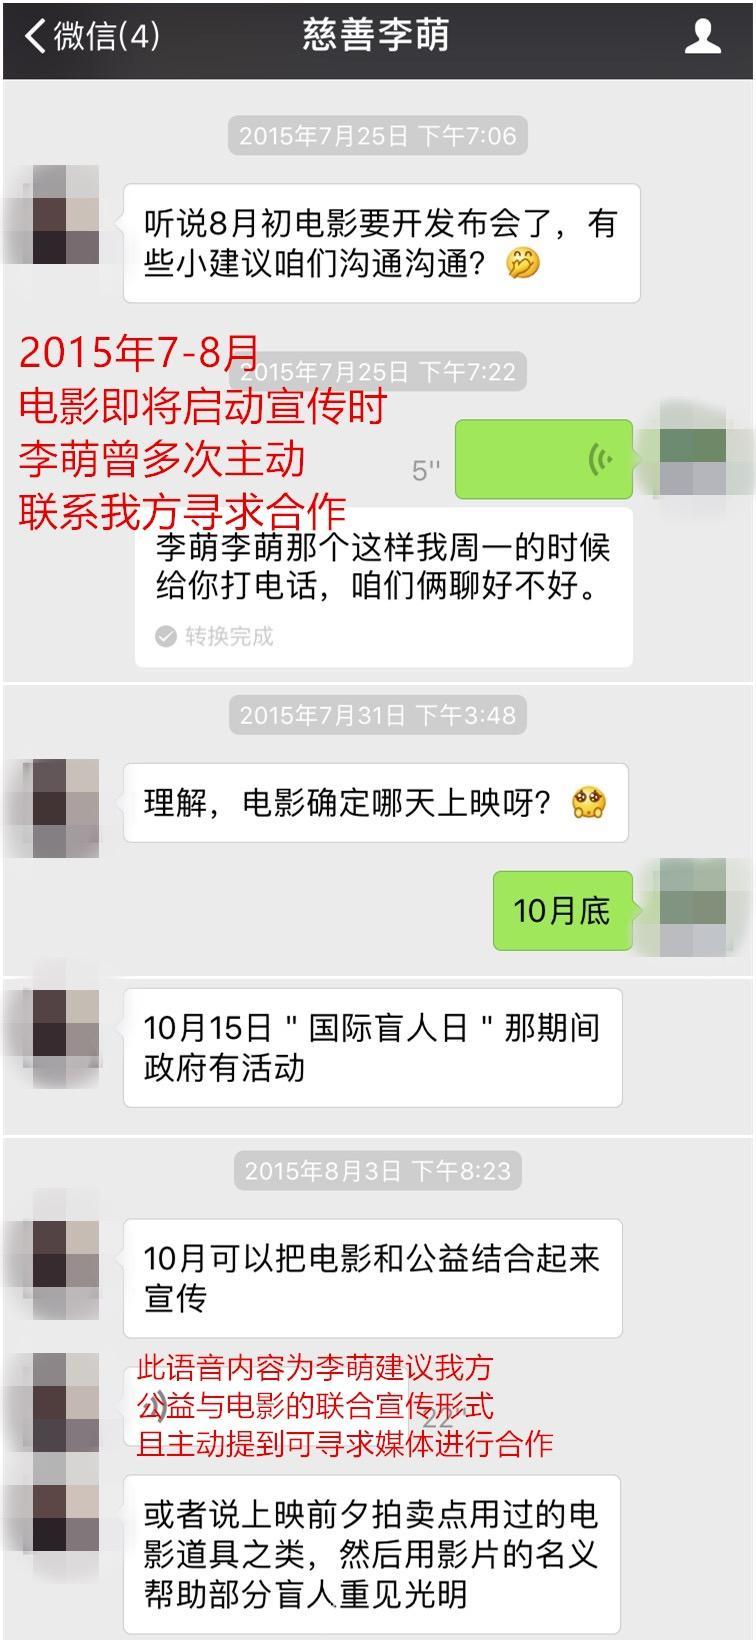 杨幂主动公开与李萌合作全部细节 疑陷入公益骗局